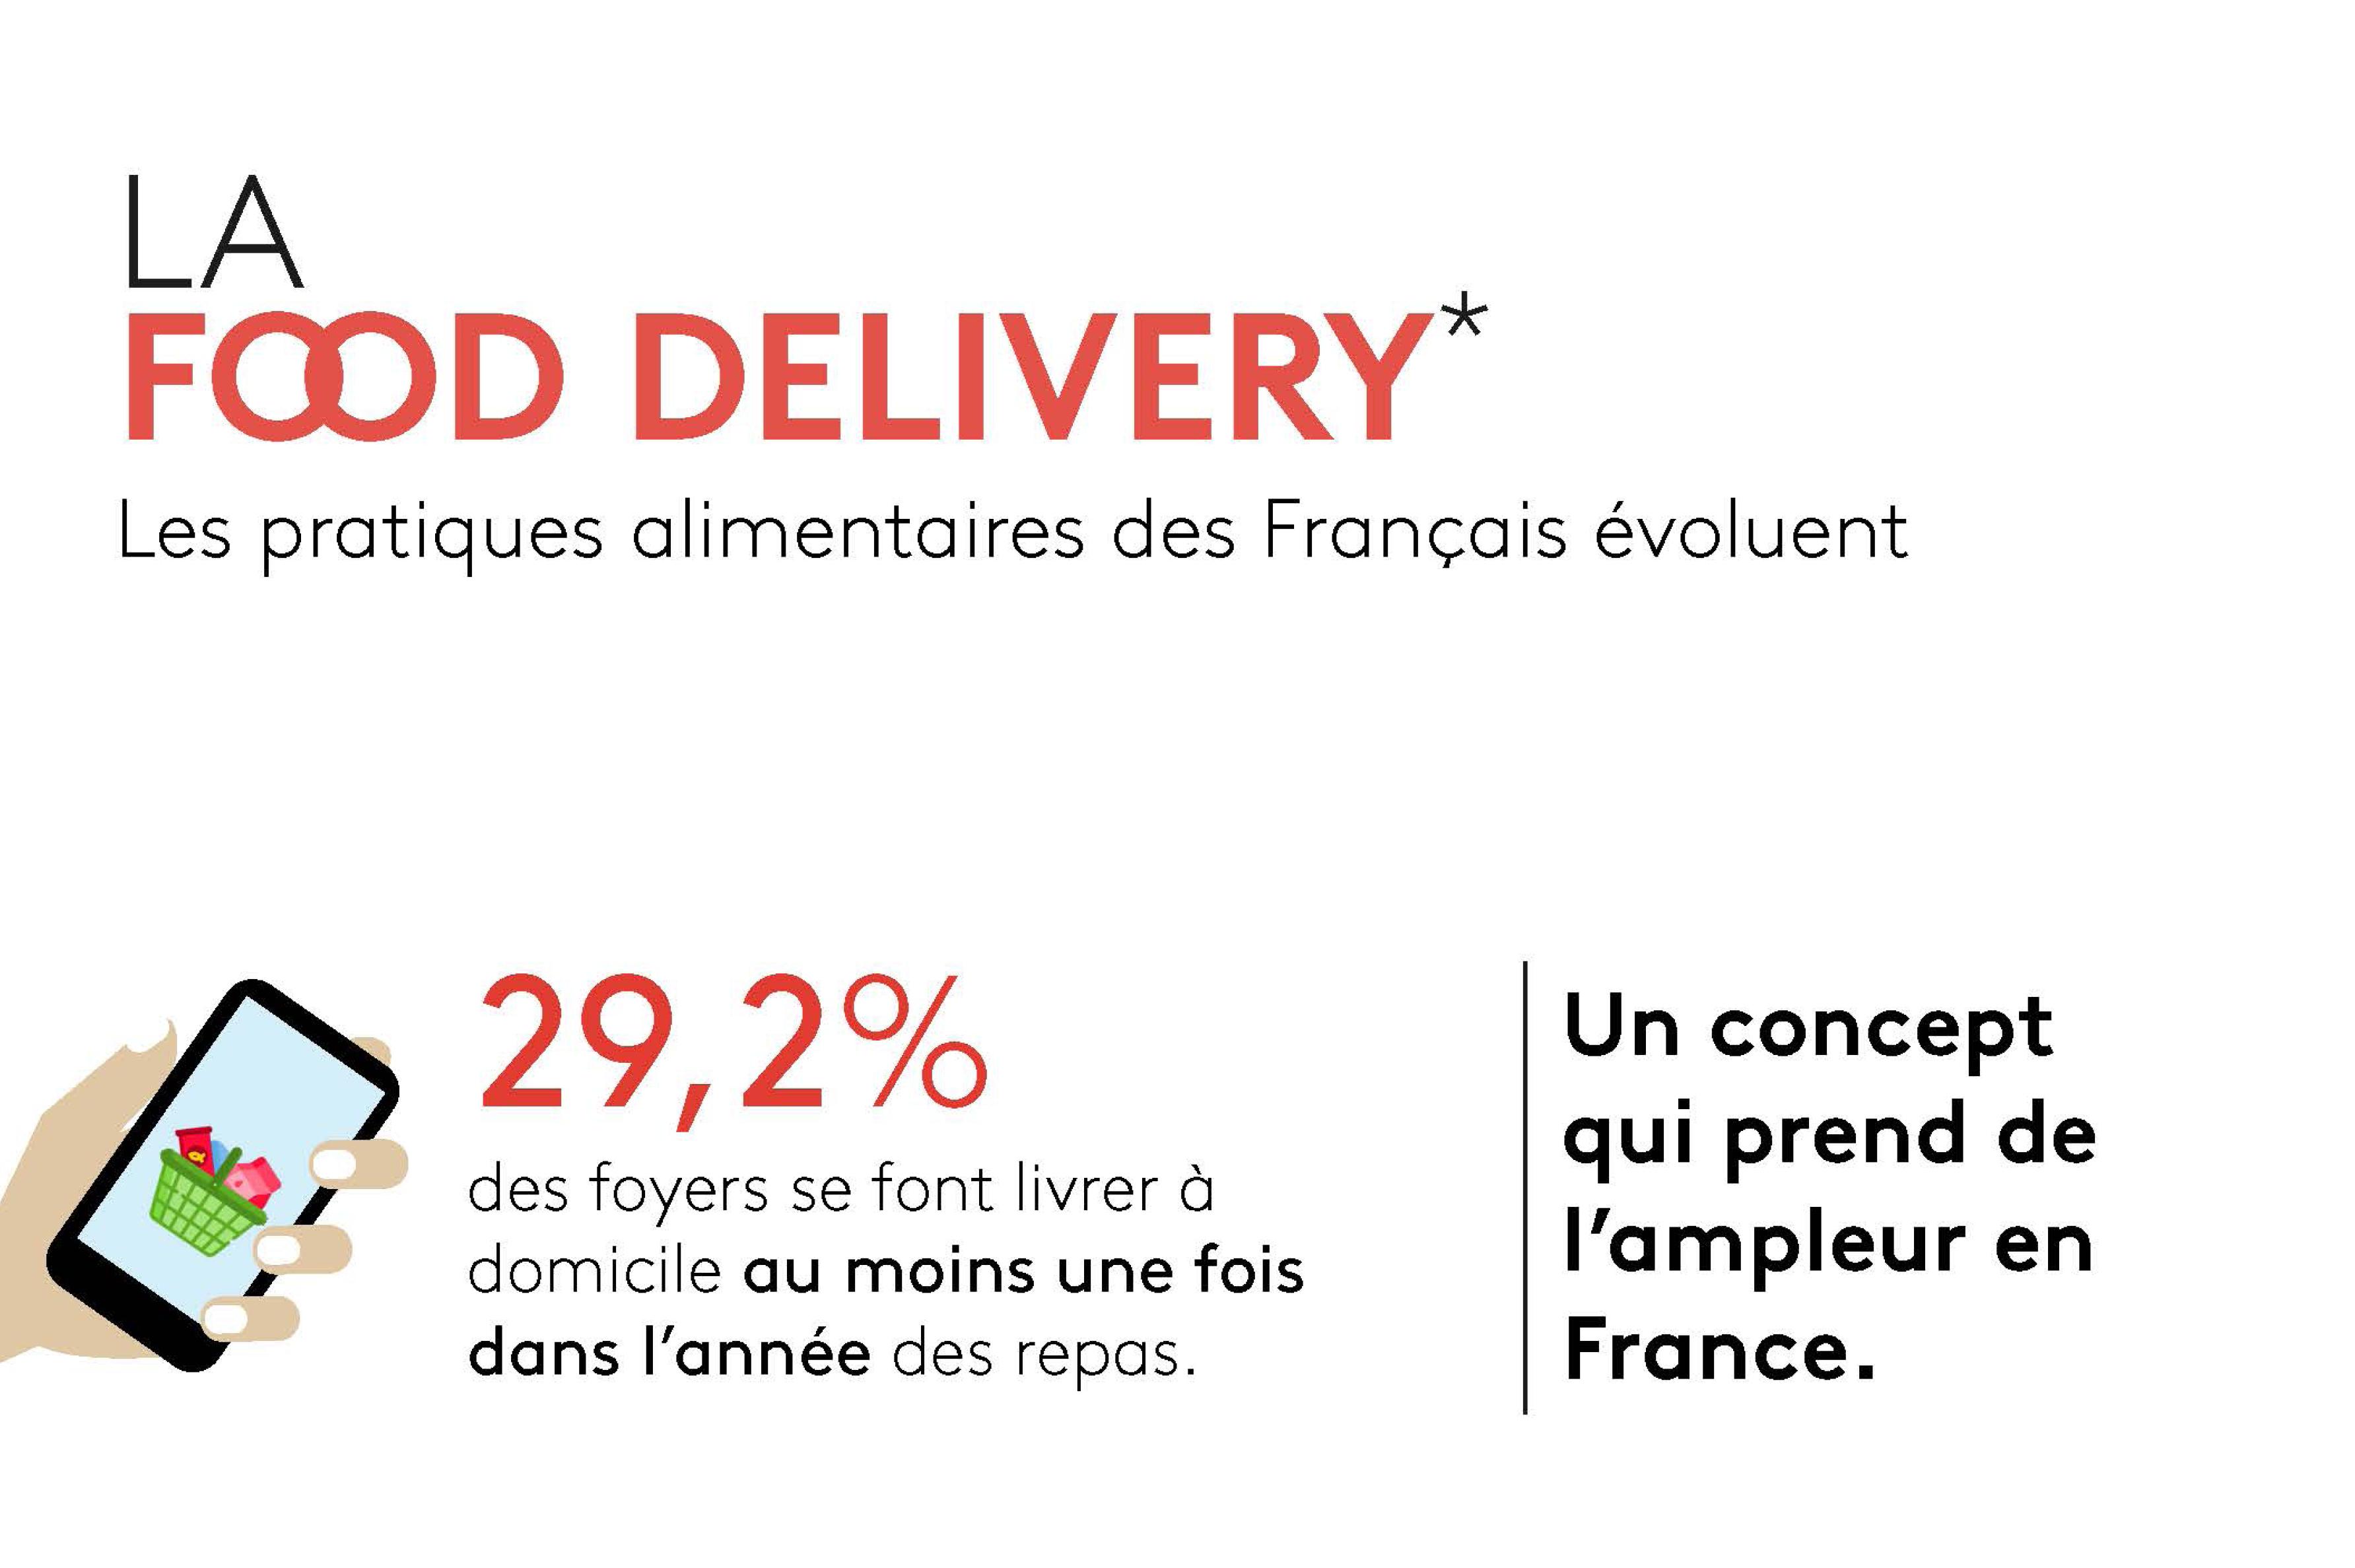 Infographie | La Food Delivery (livraison de repas)